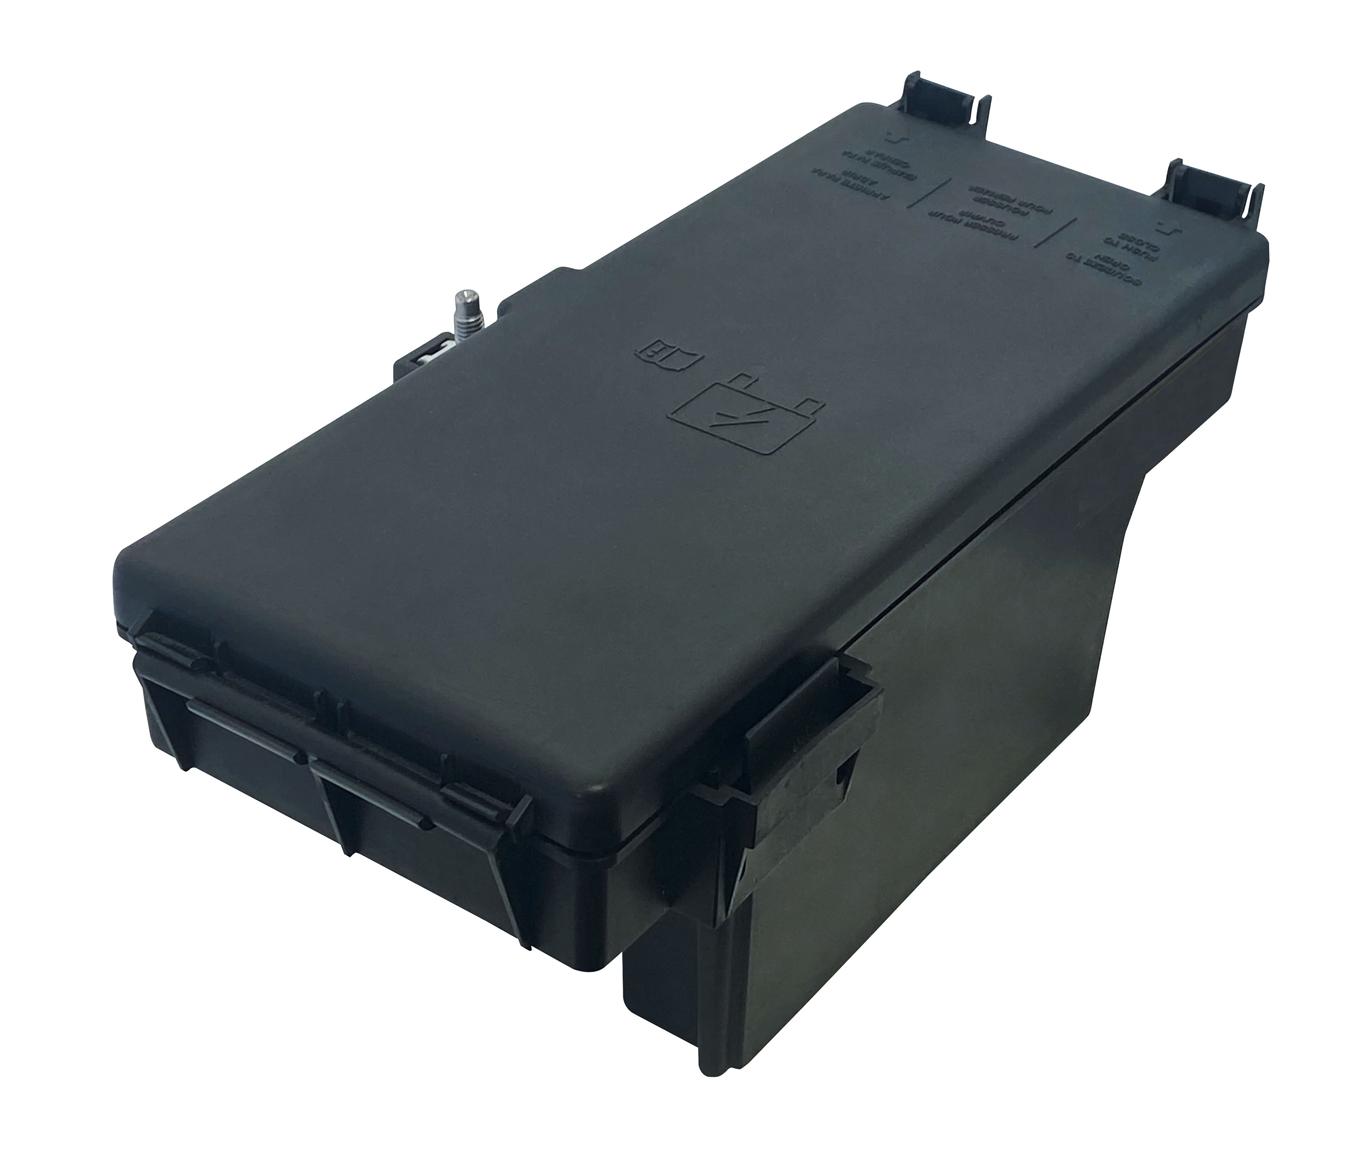 REBUILT OEM TIPM for 2007 Dodge RAM 2500 / 3500 Diesel - Mega Cab with 4WD Part # 04692115